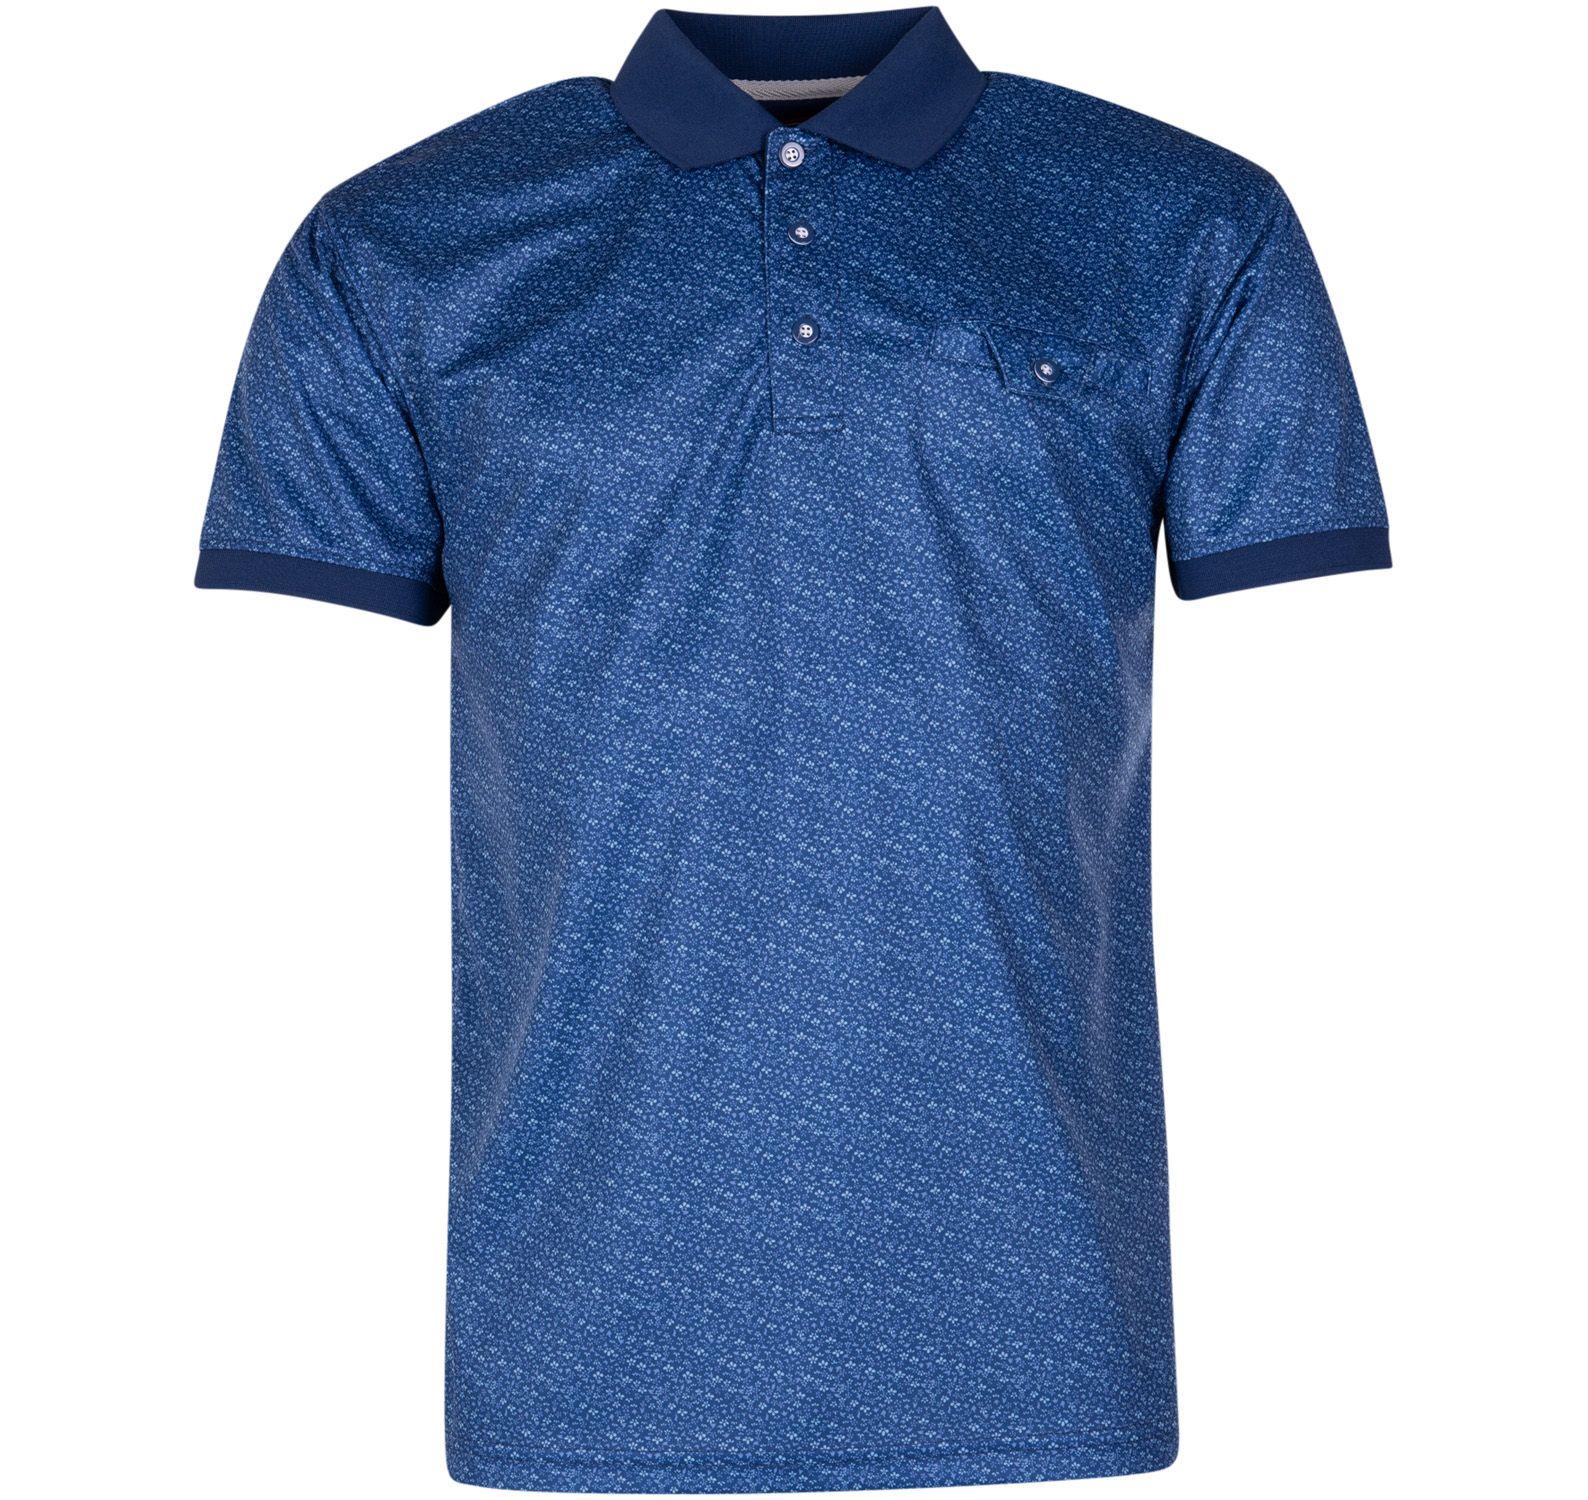 shirt 1902 d blue s, d blue, s, varumärken